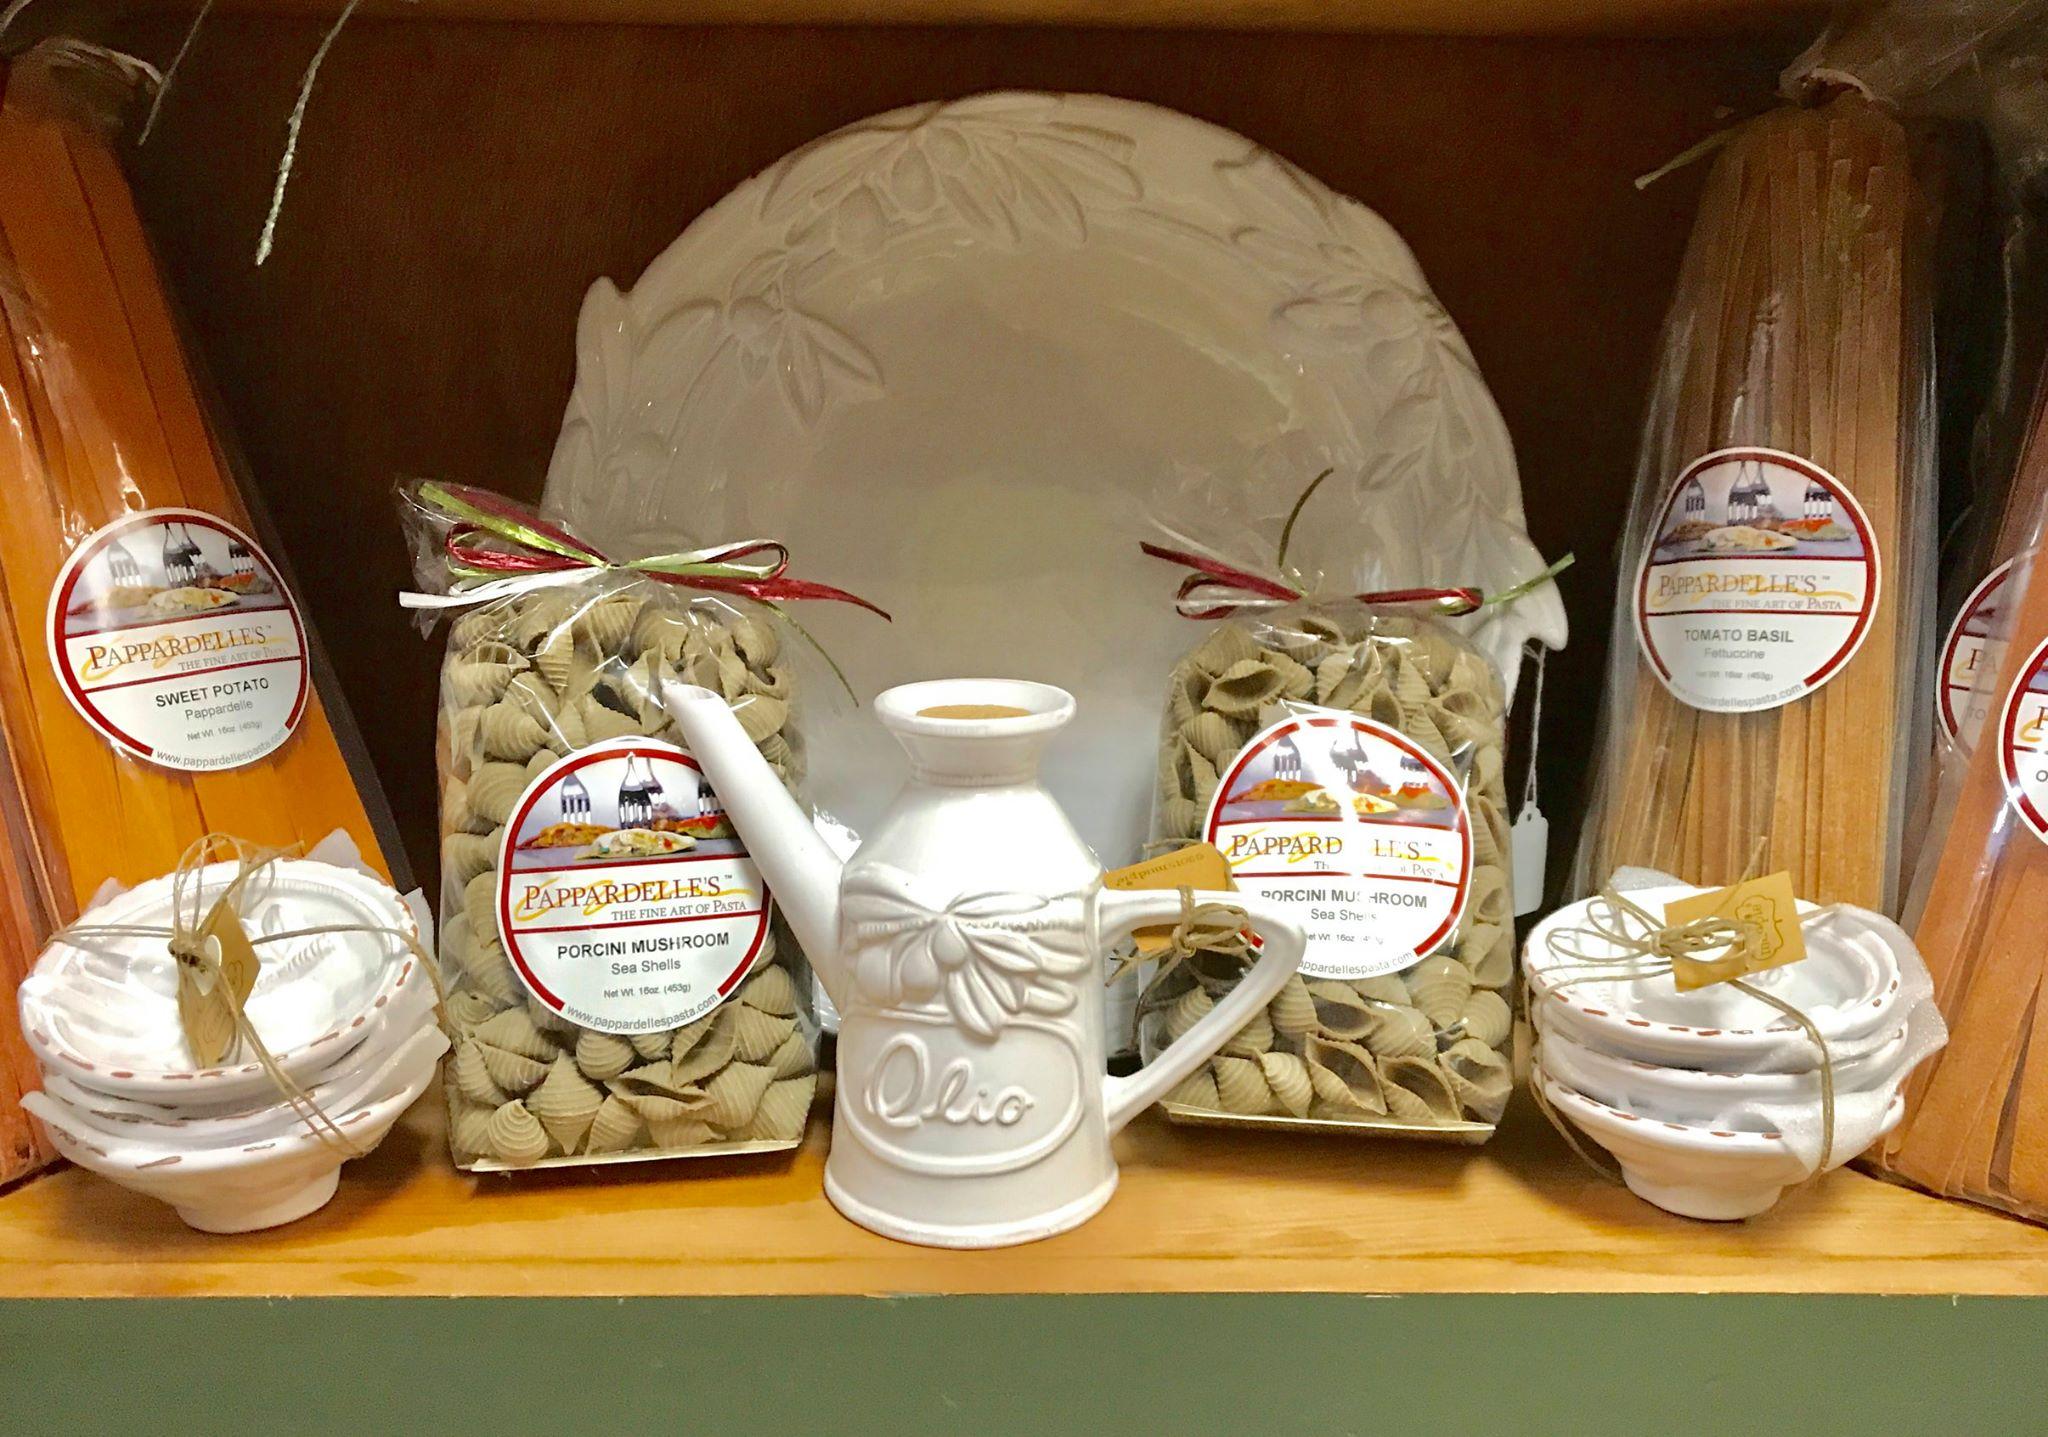 Artisanal Pastas from Dash of Thyme in Denville, NJ